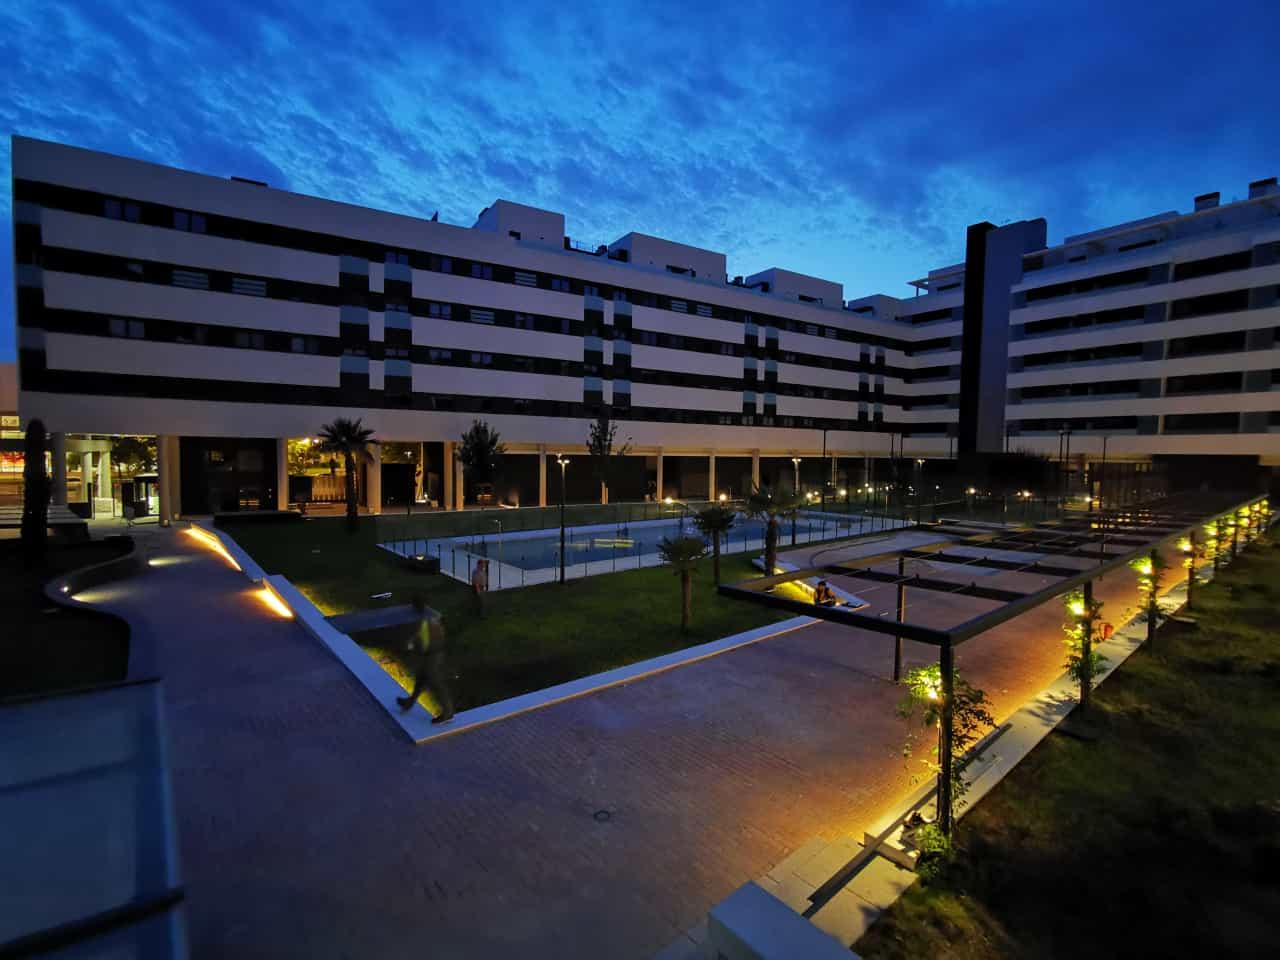 residencial-shoppingcenter-interior